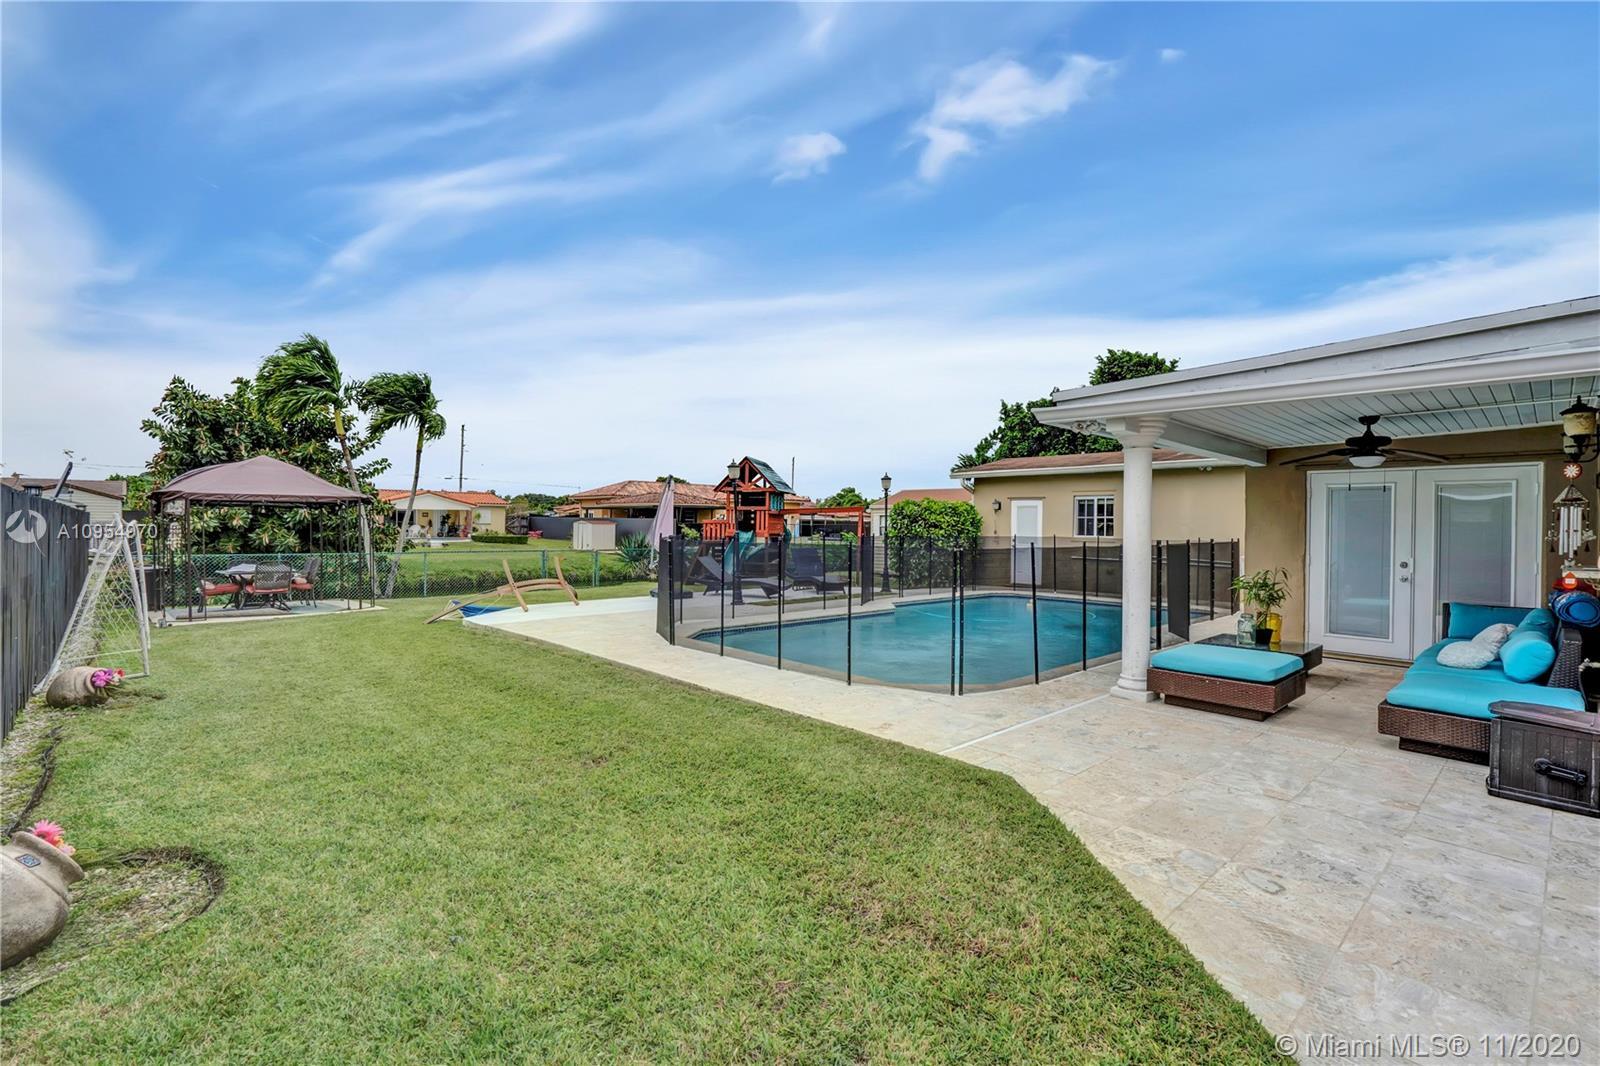 Coral Park Estates - 9271 SW 16th St, Miami, FL 33165